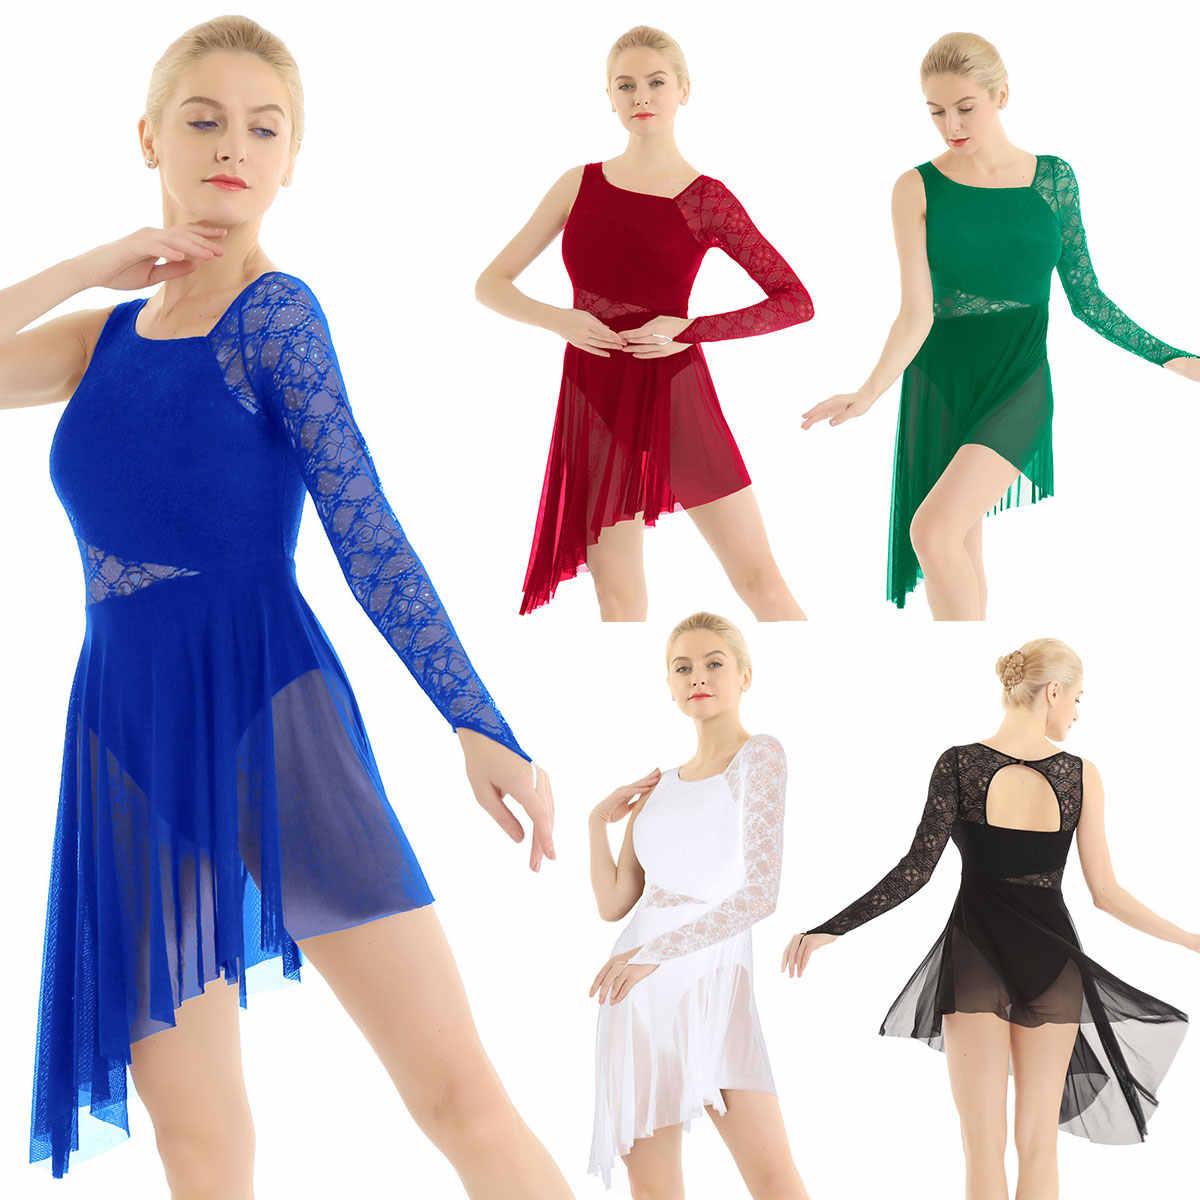 נשים מבוגרים אחת ארוך שרוול עם אצבע תחרה מחוך אסימטרית בגד גוף שמלת לירי מודרני עכשווי בלט ריקוד